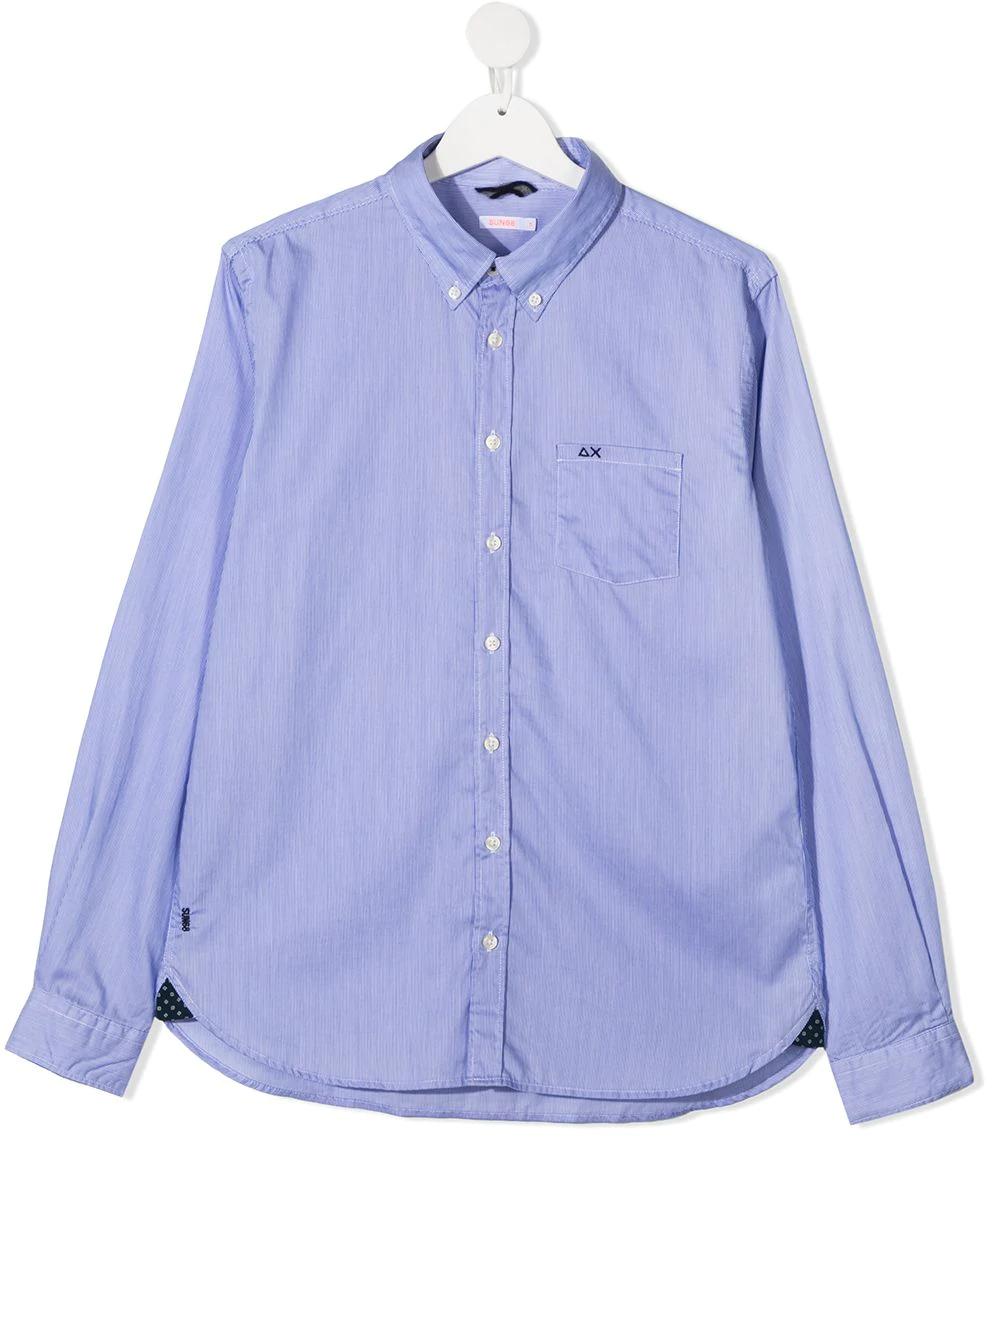 Sun 68 Kids Camisa Con Botones Farfetch Camisas De Botones Ropa De Hombre Mangas Largas